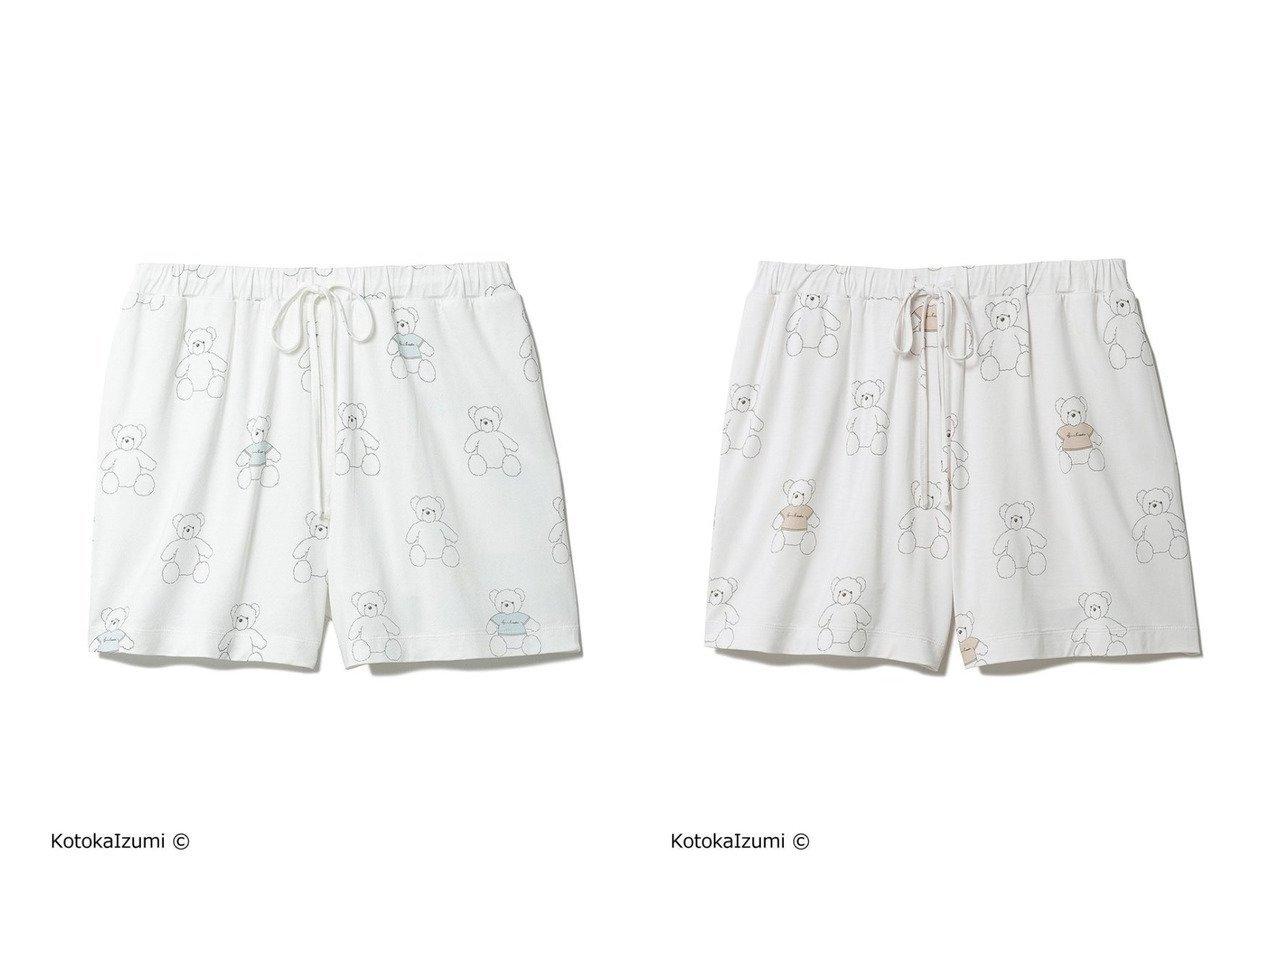 【gelato pique/ジェラート ピケ】の【kotoka izumi】ベアモチーフショートパンツ 【パンツ】おすすめ!人気、トレンド・レディースファッションの通販 おすすめで人気の流行・トレンド、ファッションの通販商品 インテリア・家具・メンズファッション・キッズファッション・レディースファッション・服の通販 founy(ファニー) https://founy.com/ ファッション Fashion レディースファッション WOMEN パンツ Pants ハーフ / ショートパンツ Short Pants イラスト インナー 抗菌 ショート スペシャル セットアップ 人気 |ID:crp329100000052762